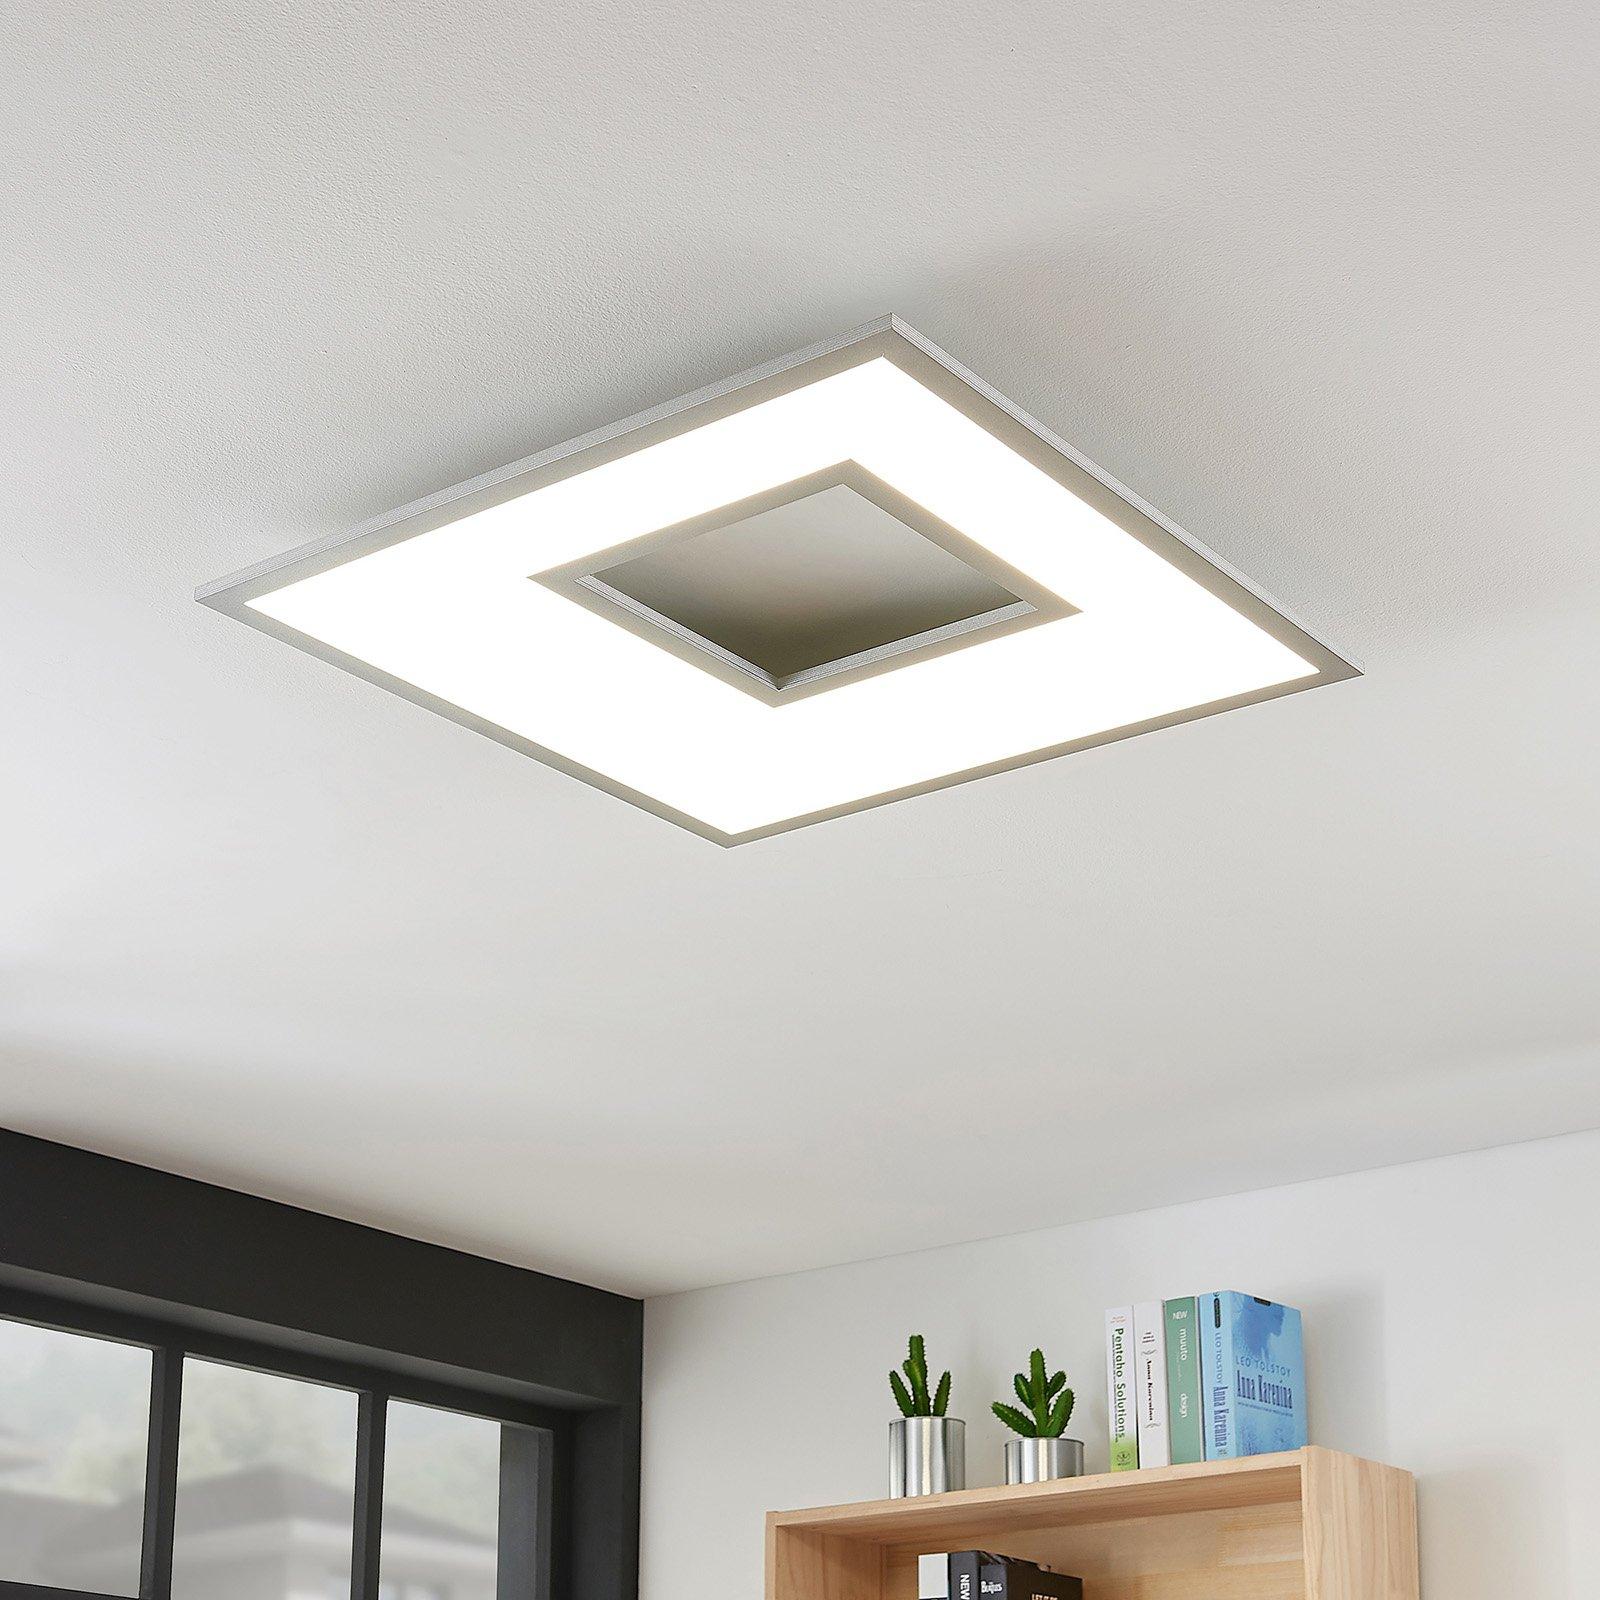 LED-taklampe Durun, dimbar, CCT, kantet, 60 cm